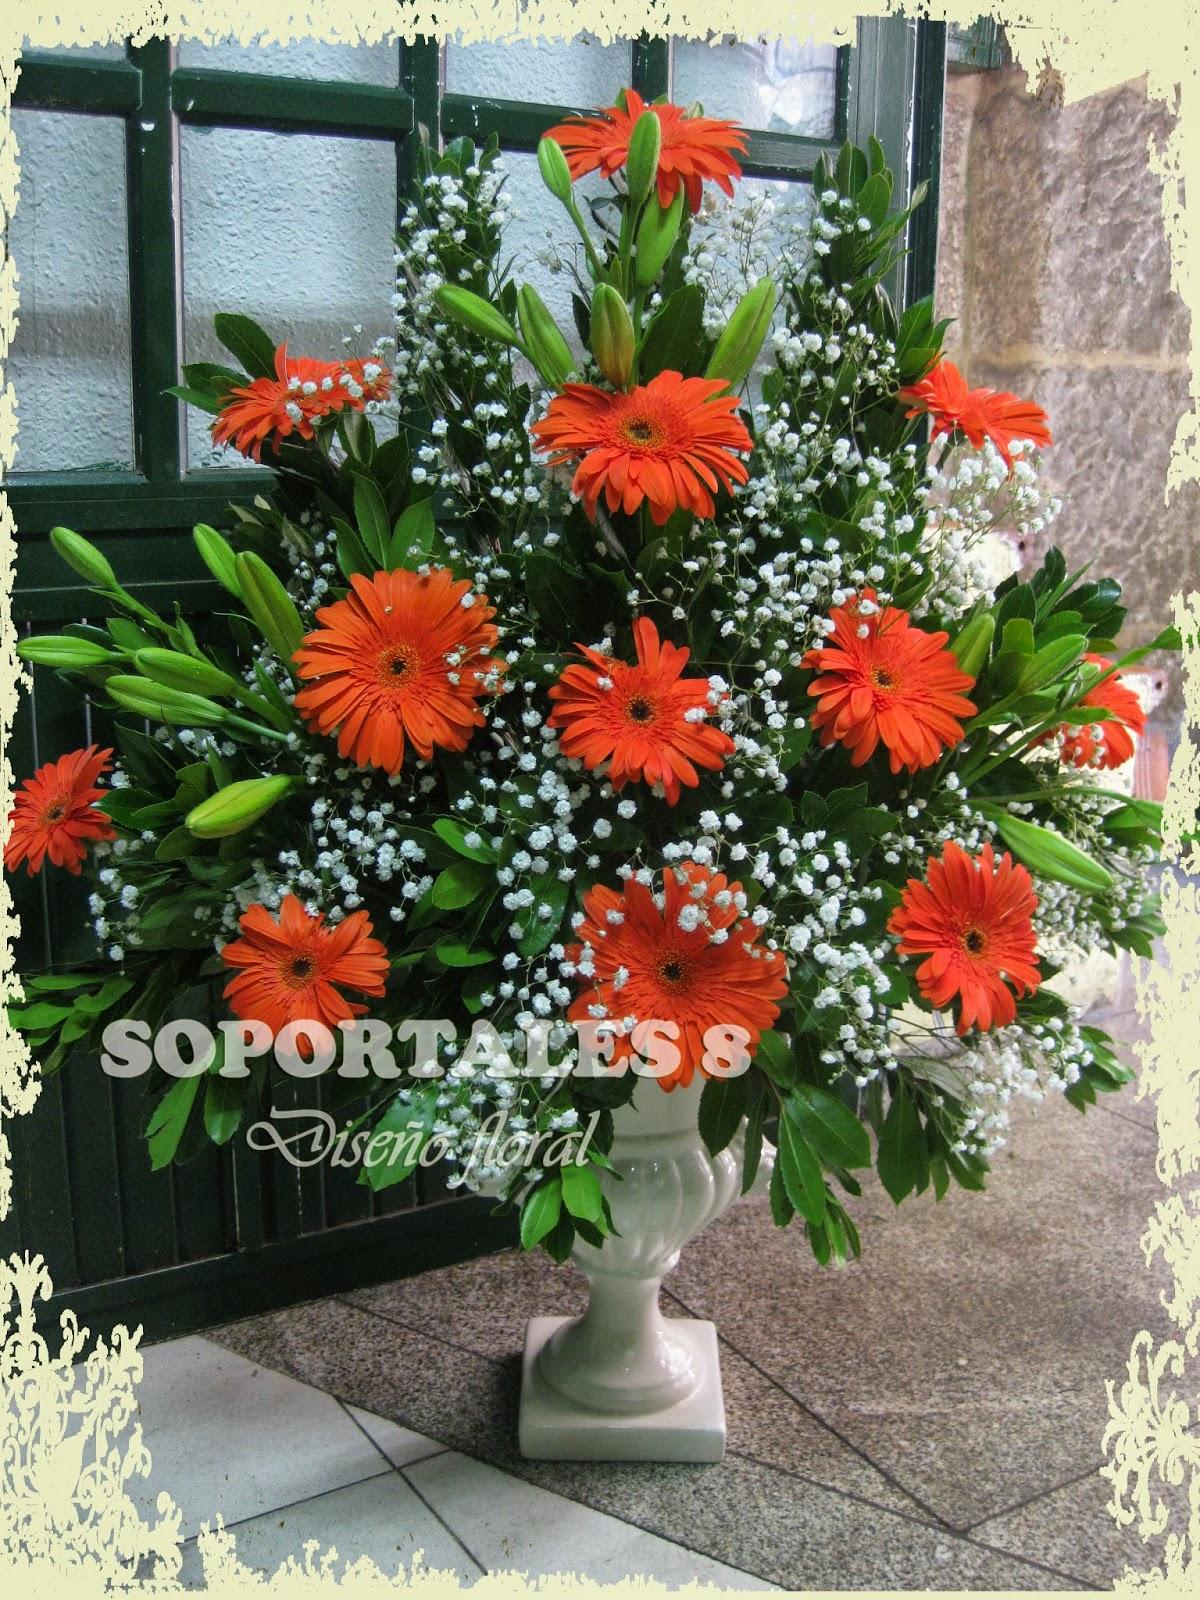 Imagenes De Centros De Flores Para Cementerio - centros para cementerio Facebook